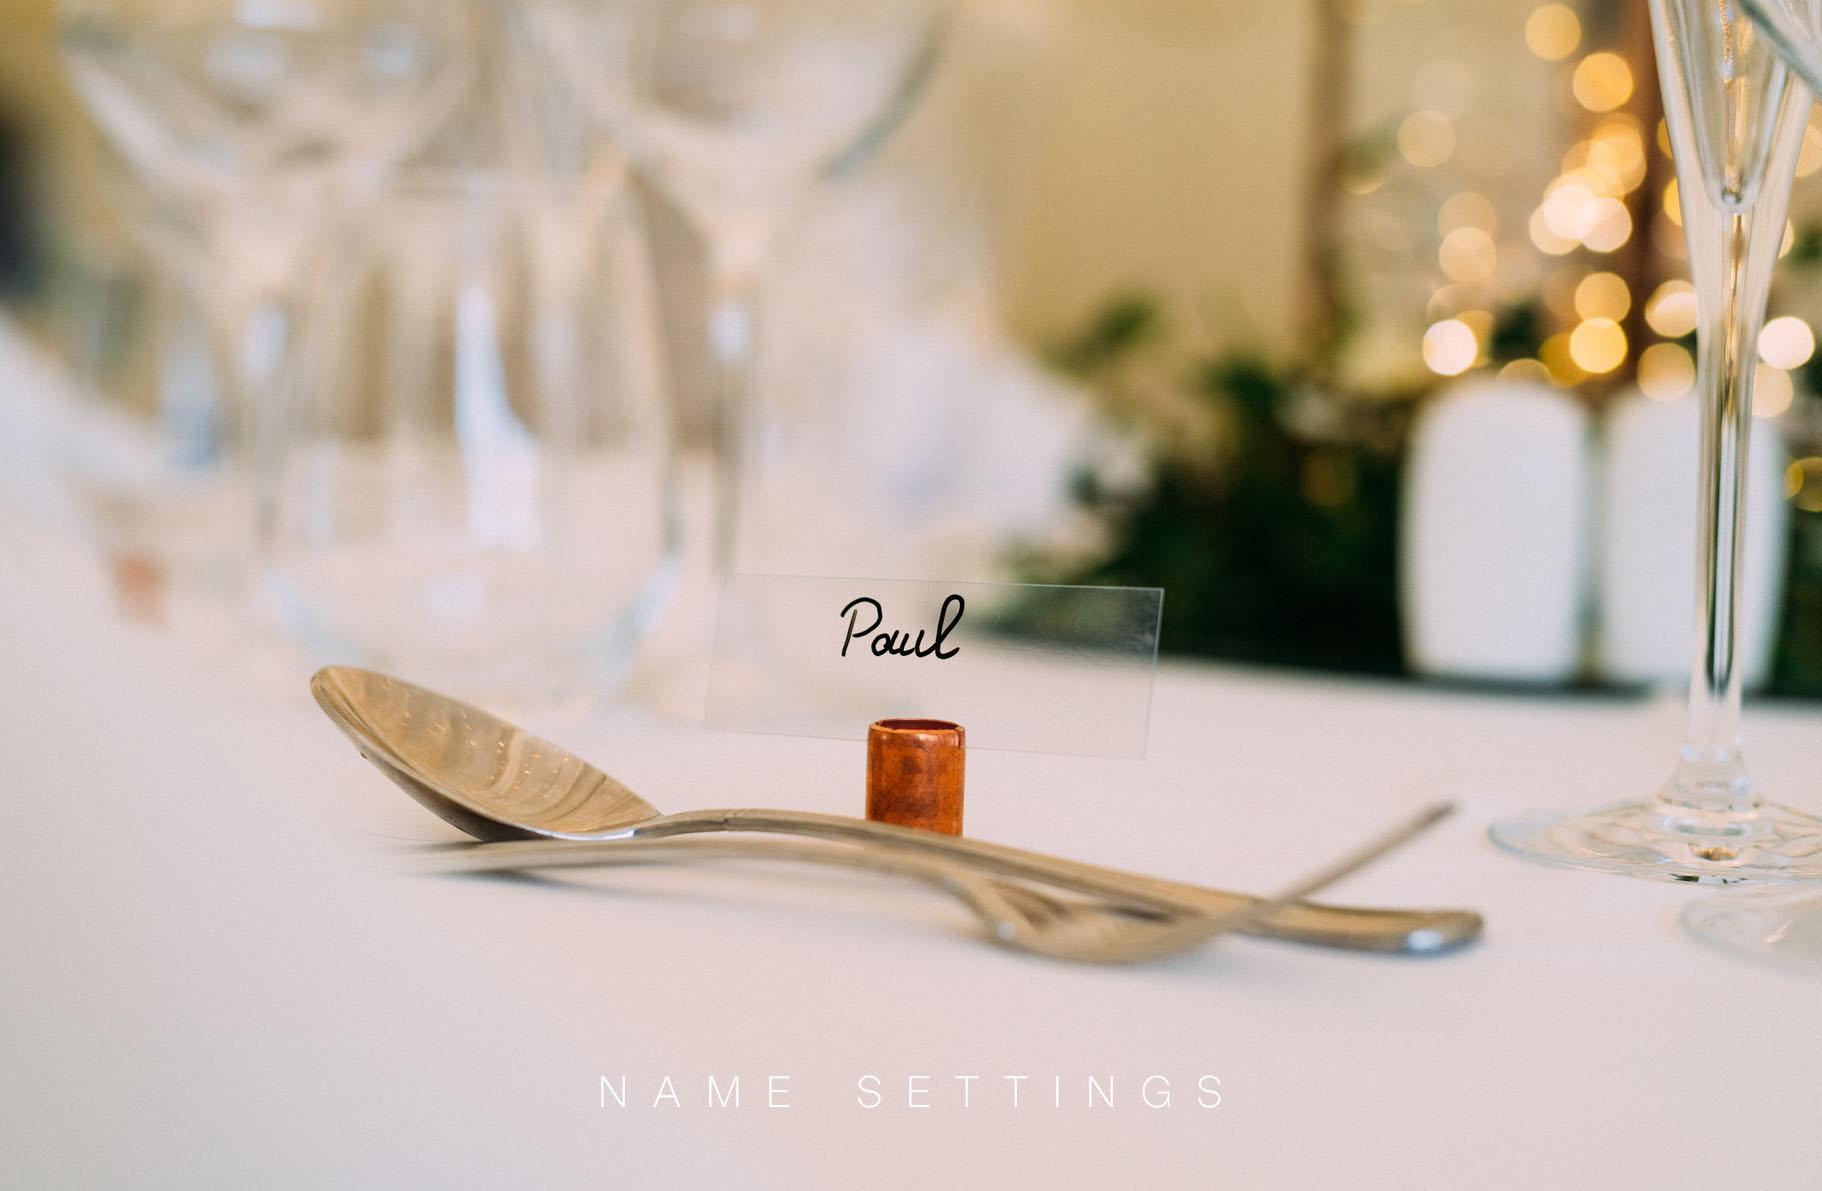 Name Settings